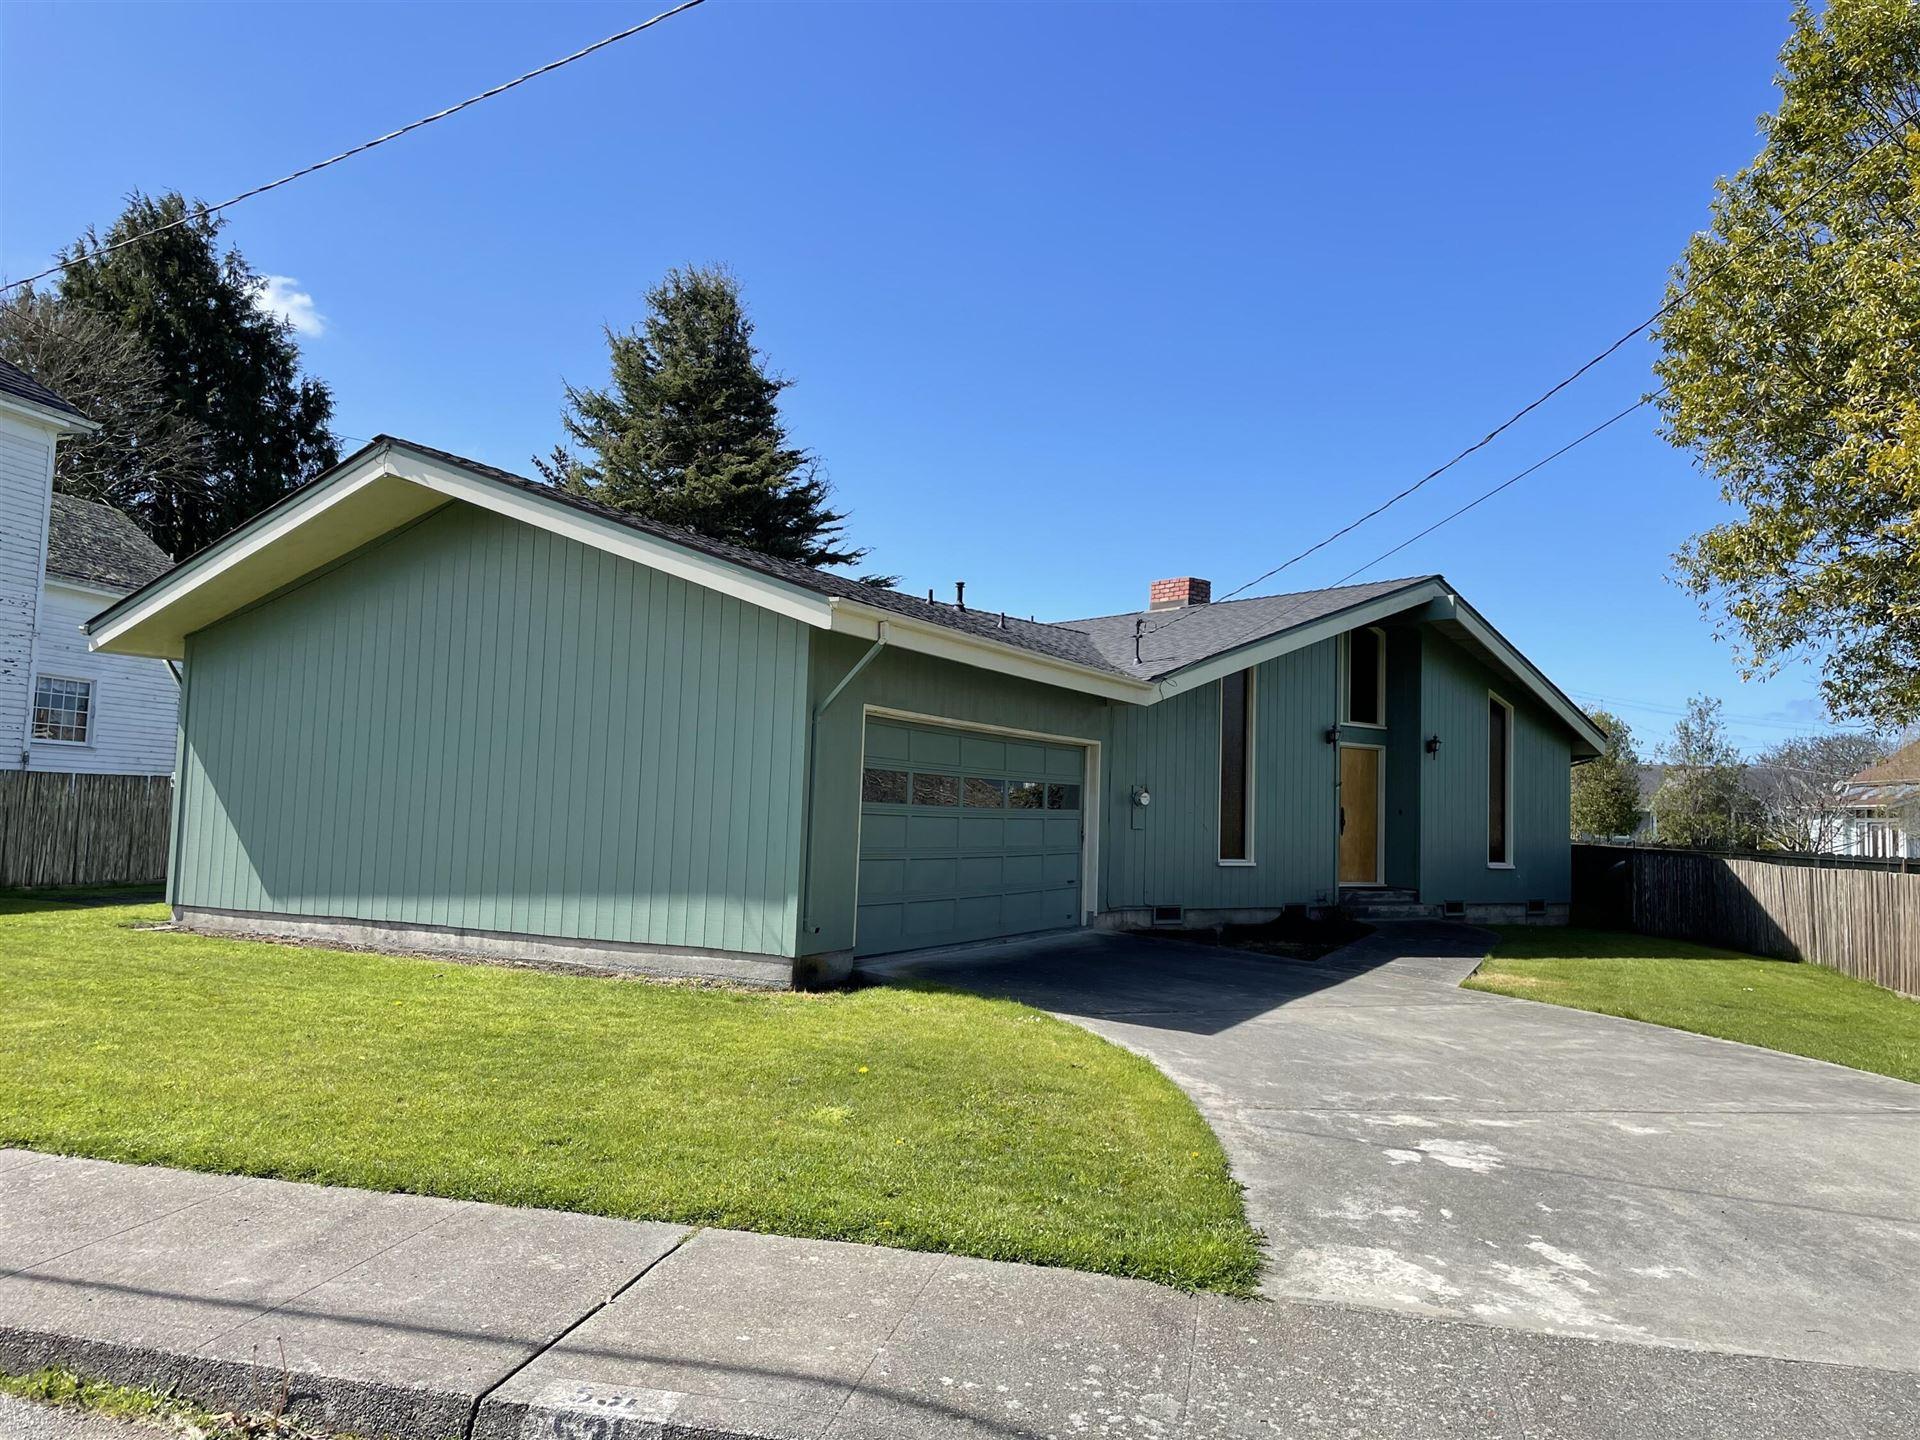 531 Mckinley Avenue, Ferndale, CA 95536 - MLS#: 259186